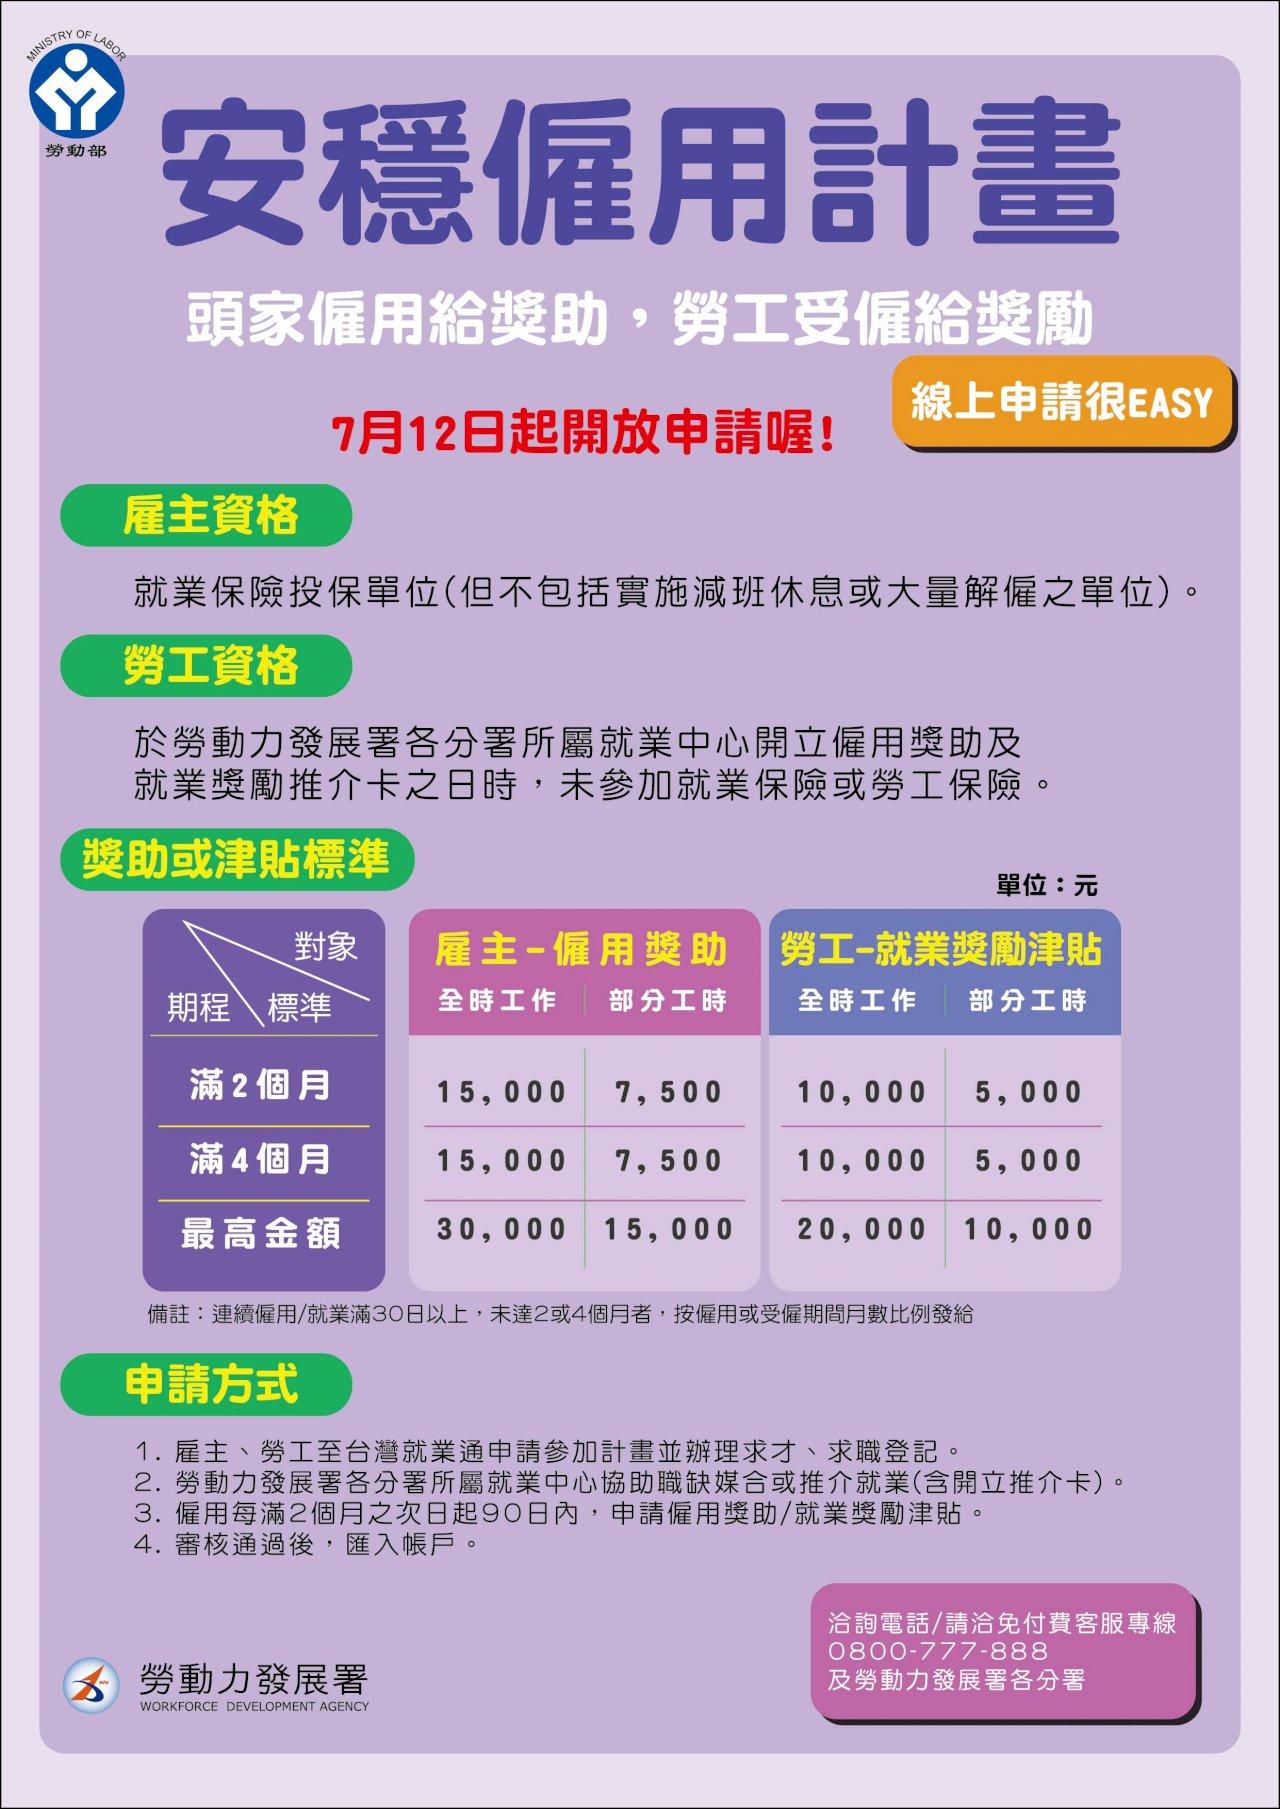 安穩僱用2.0計畫7/12上路 雇主僱用失業勞工4個月可拿3萬元